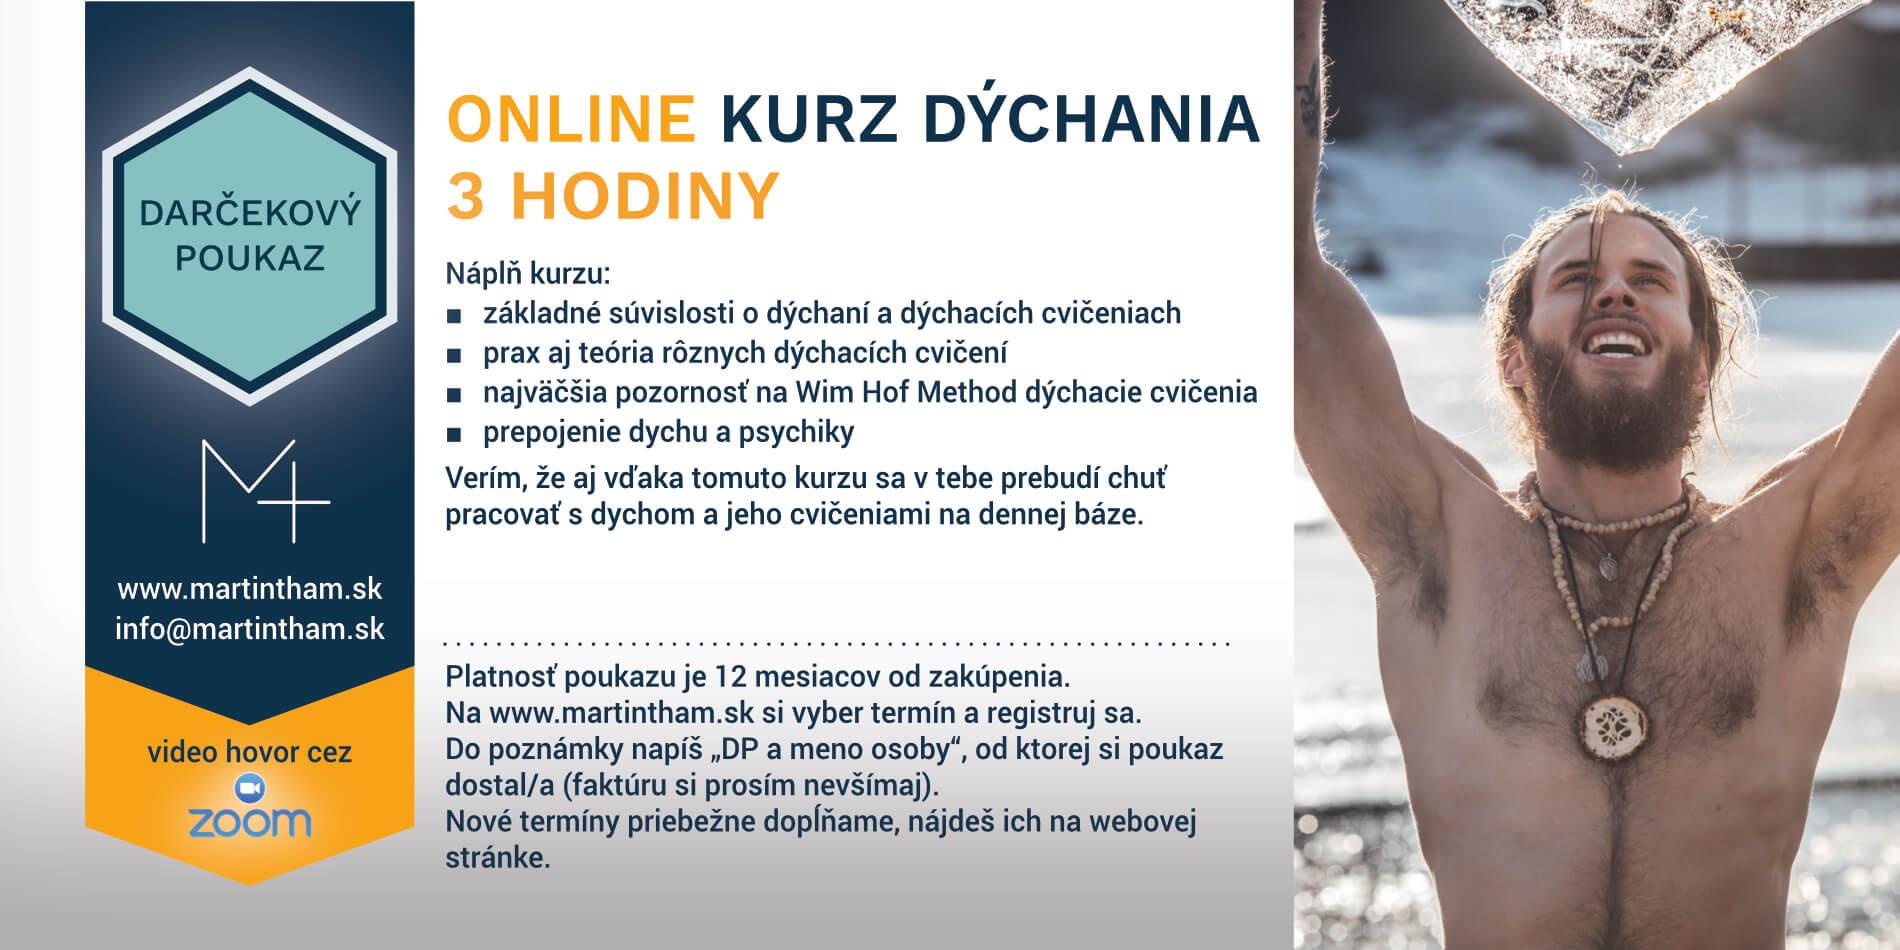 poukza-online-kurz-dychania